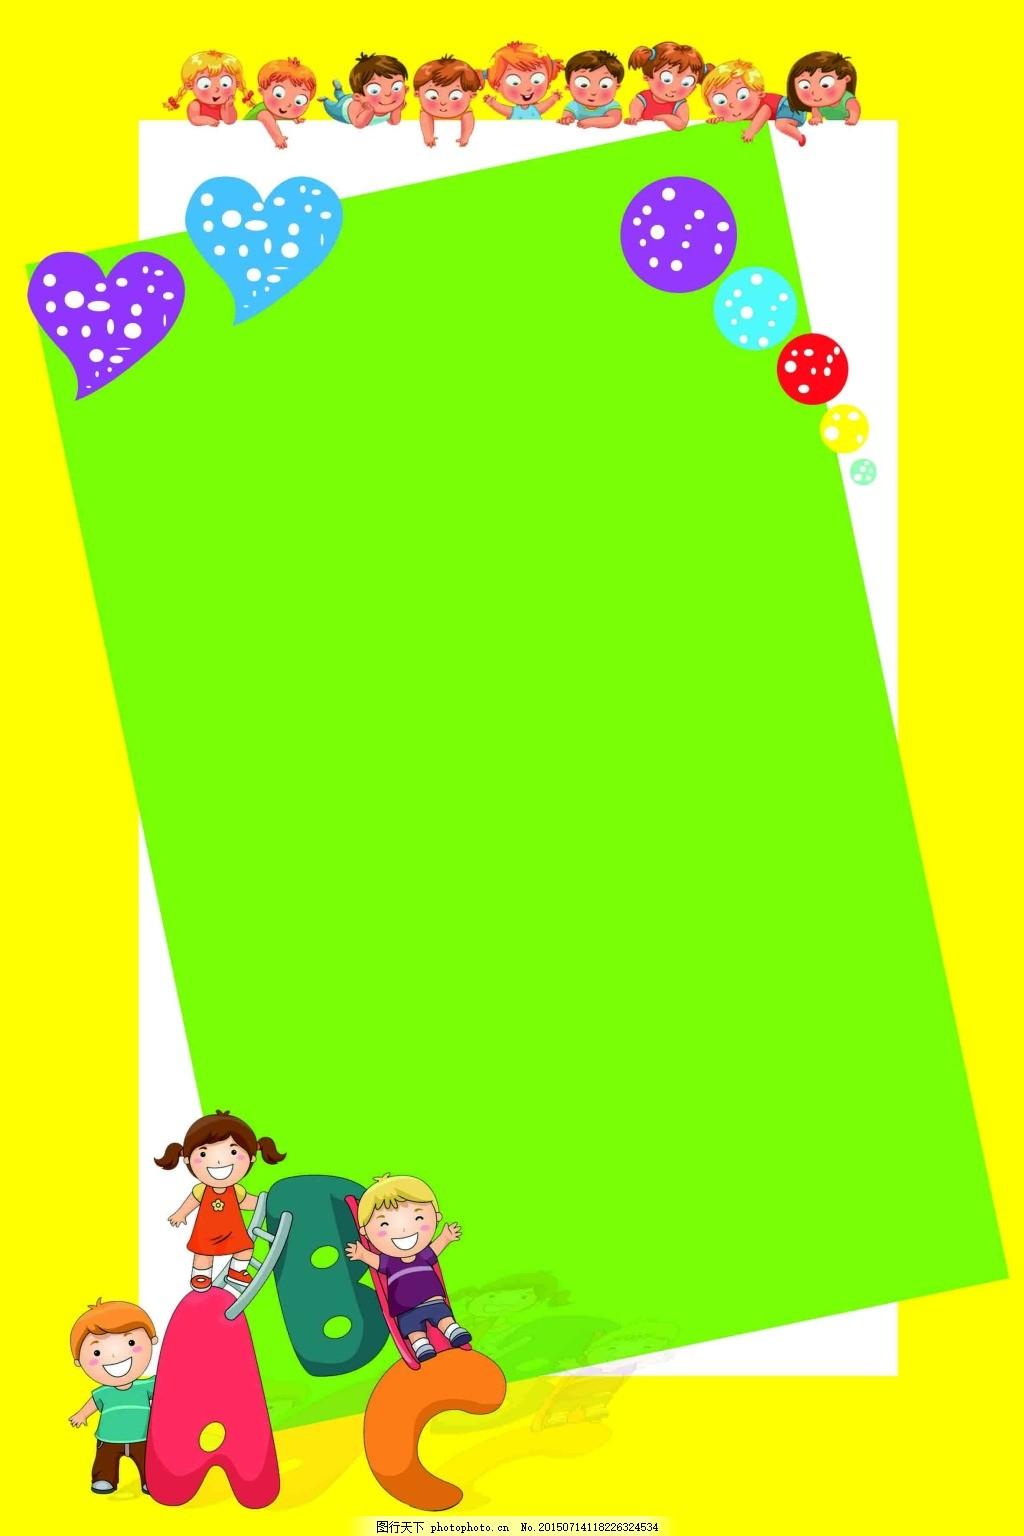 幼儿园制度背景图片